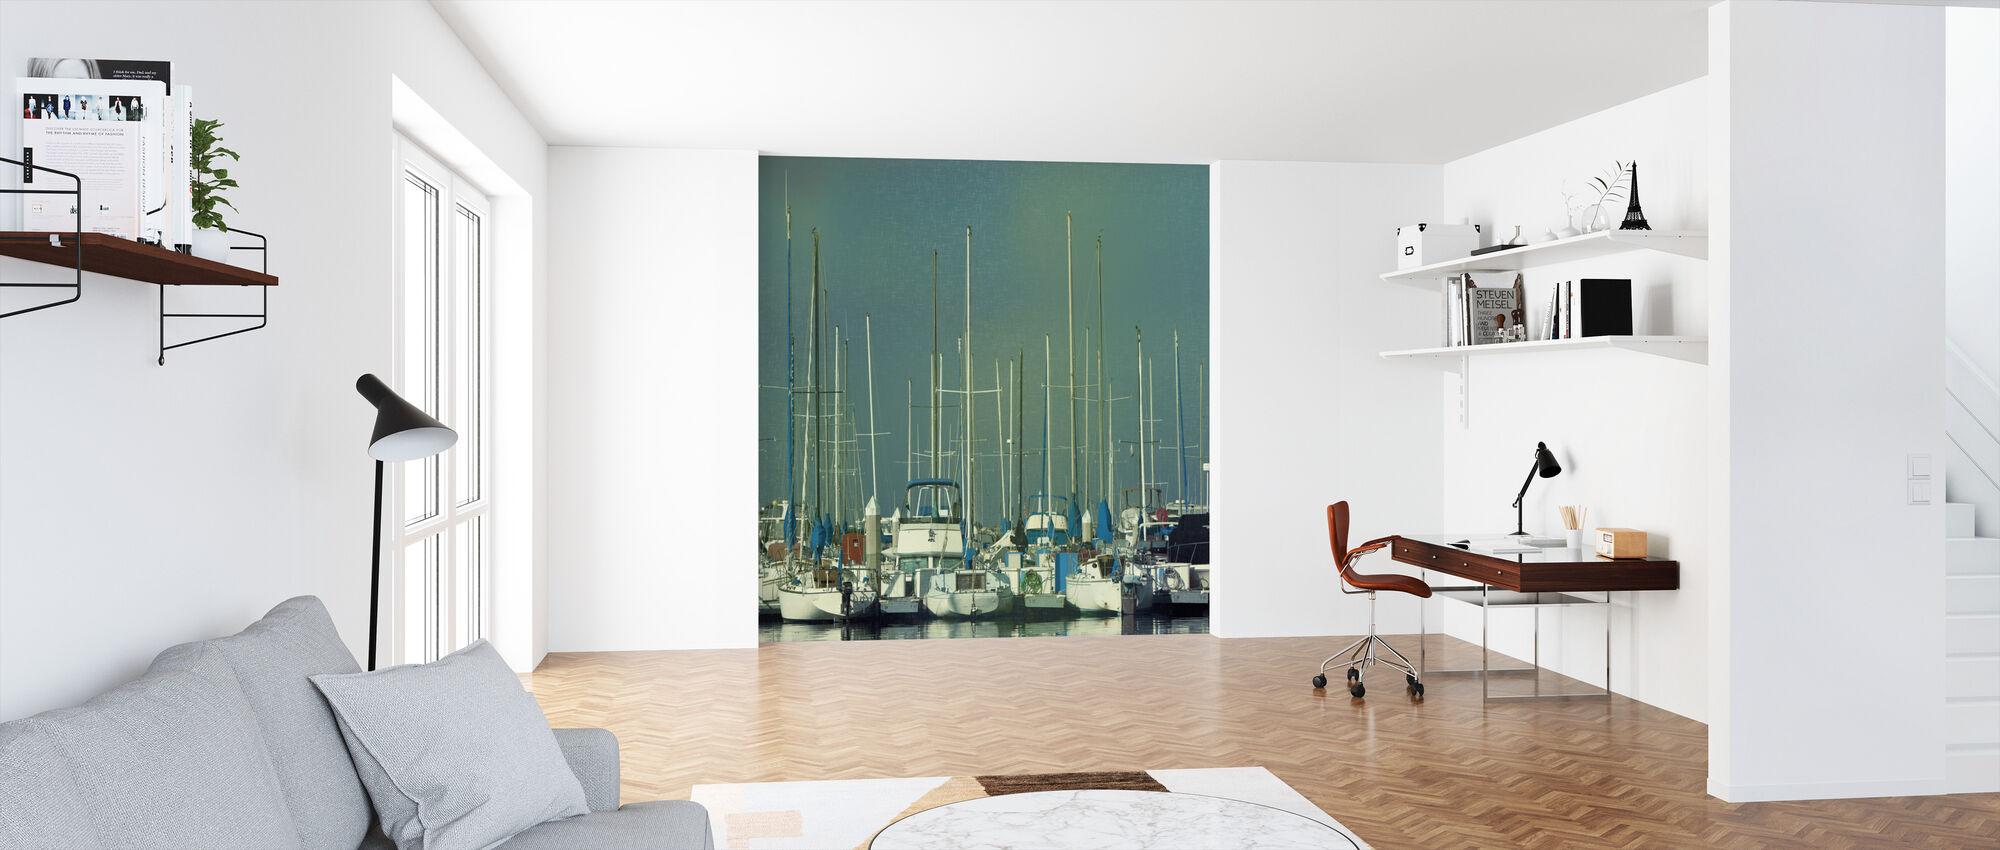 Harbor Boats - Wallpaper - Office